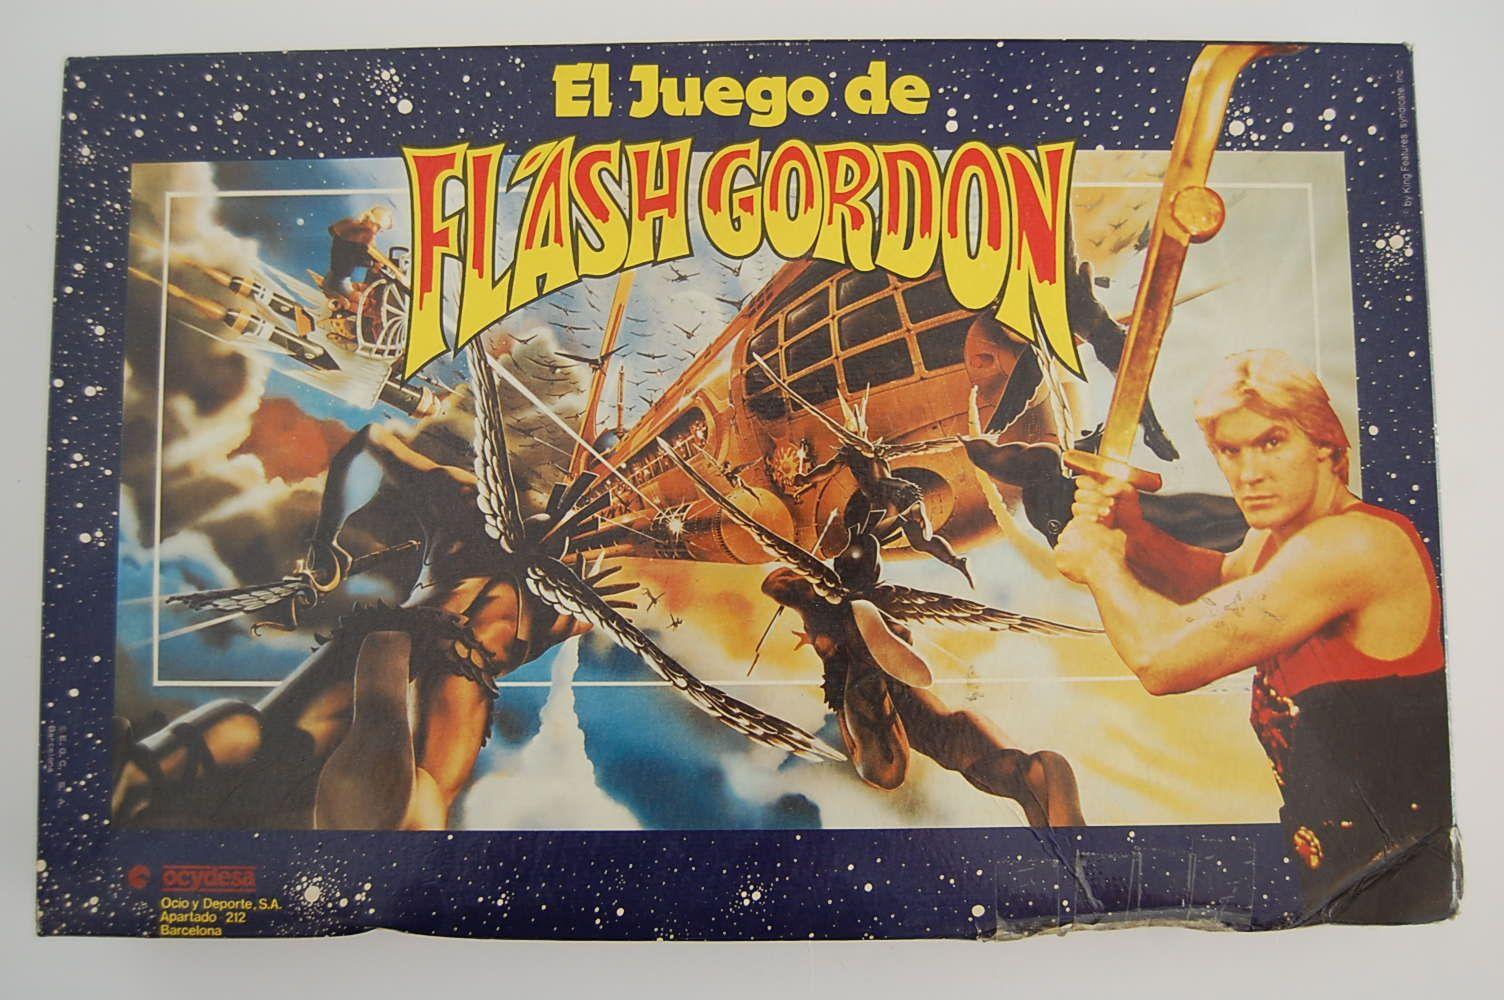 El Juego de Flash Gordon